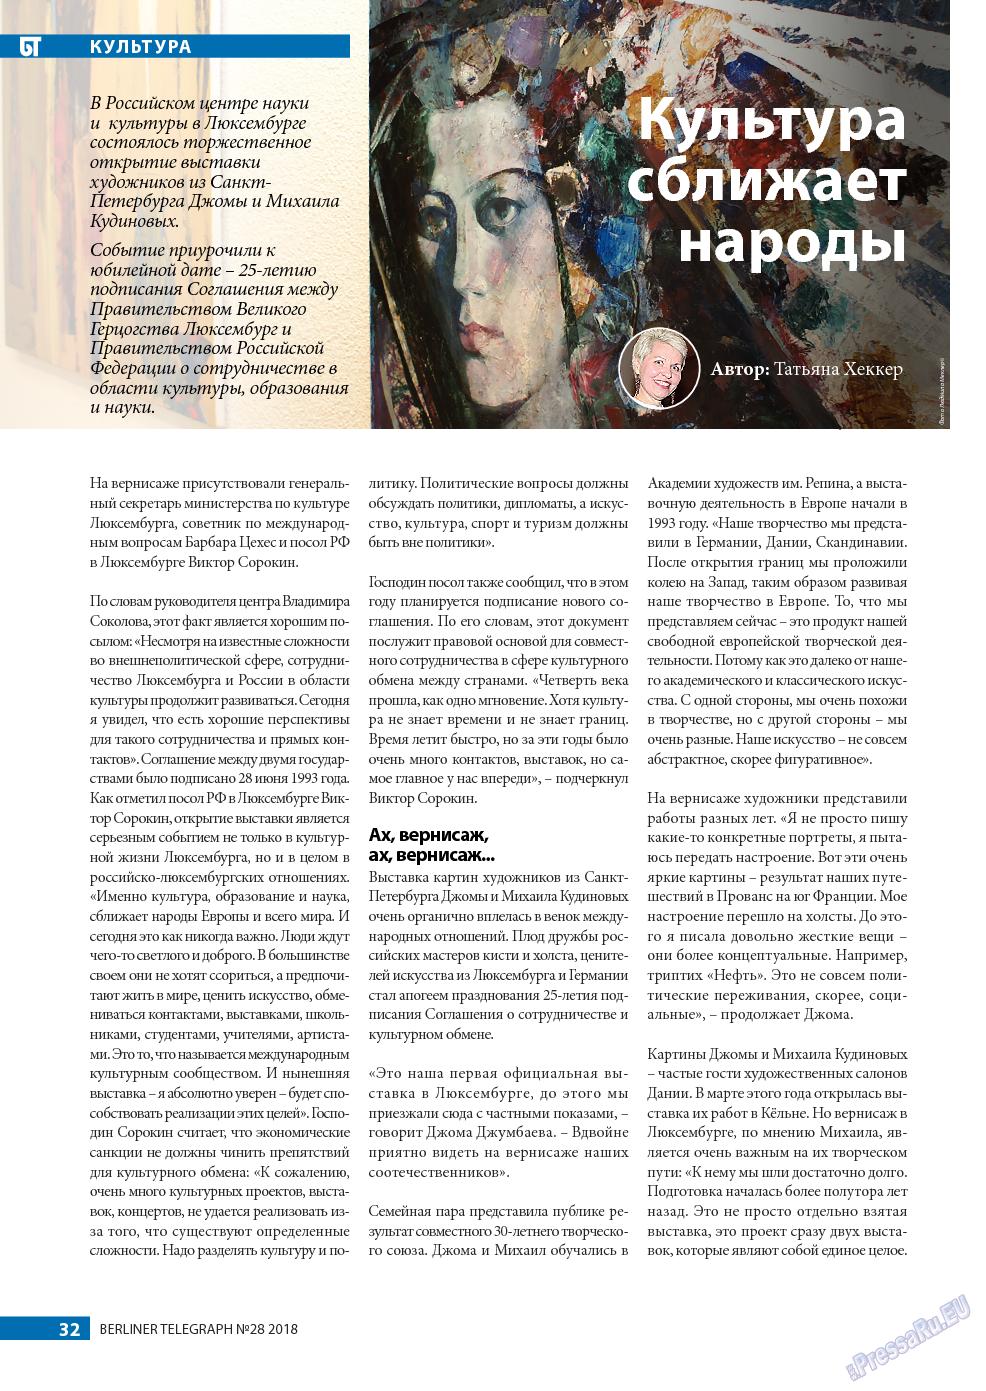 Берлинский телеграф (журнал). 2018 год, номер 28, стр. 32